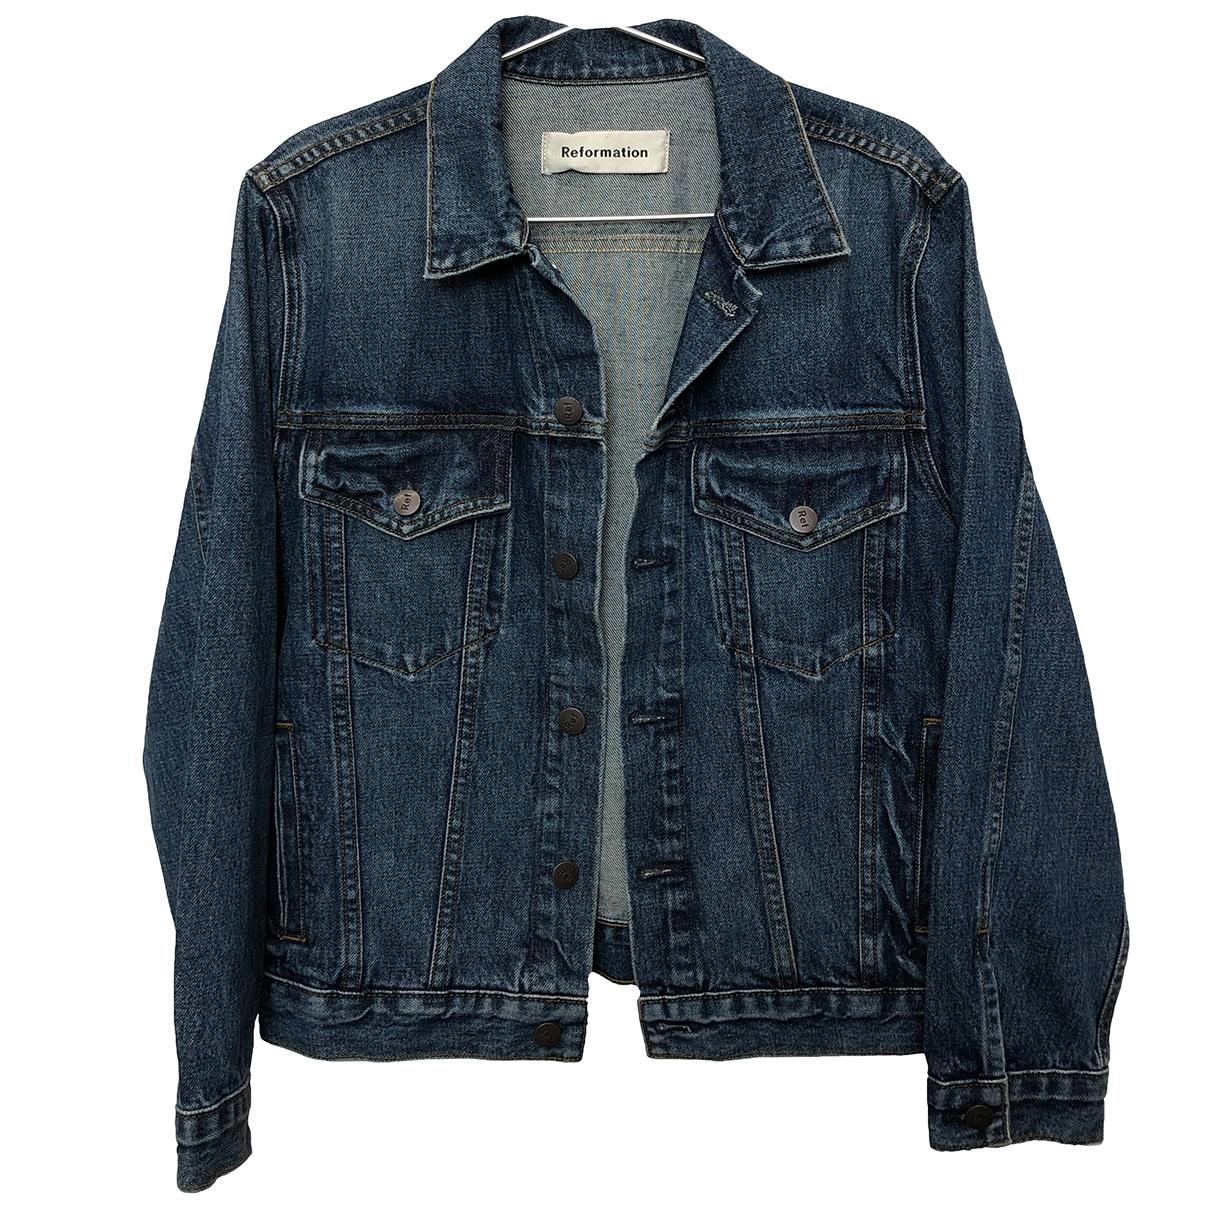 Reformation \N Blue Denim - Jeans jacket  for Men XS International